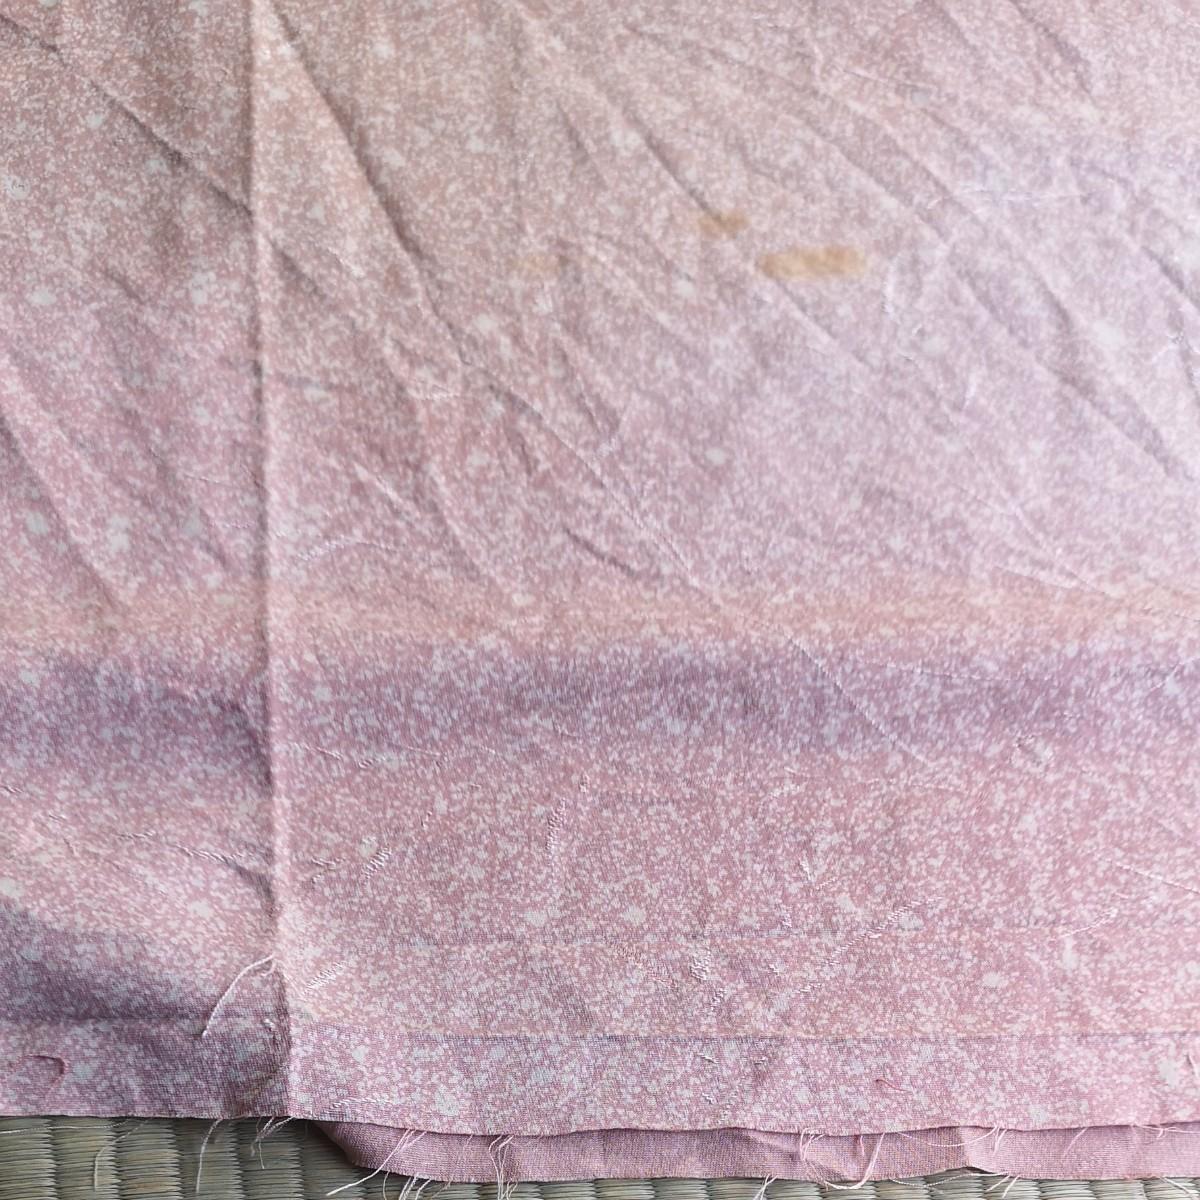 正絹 はぎれ 314cm くすみピンク色 地模様有り 正絹 リメイク はぎれ 素材